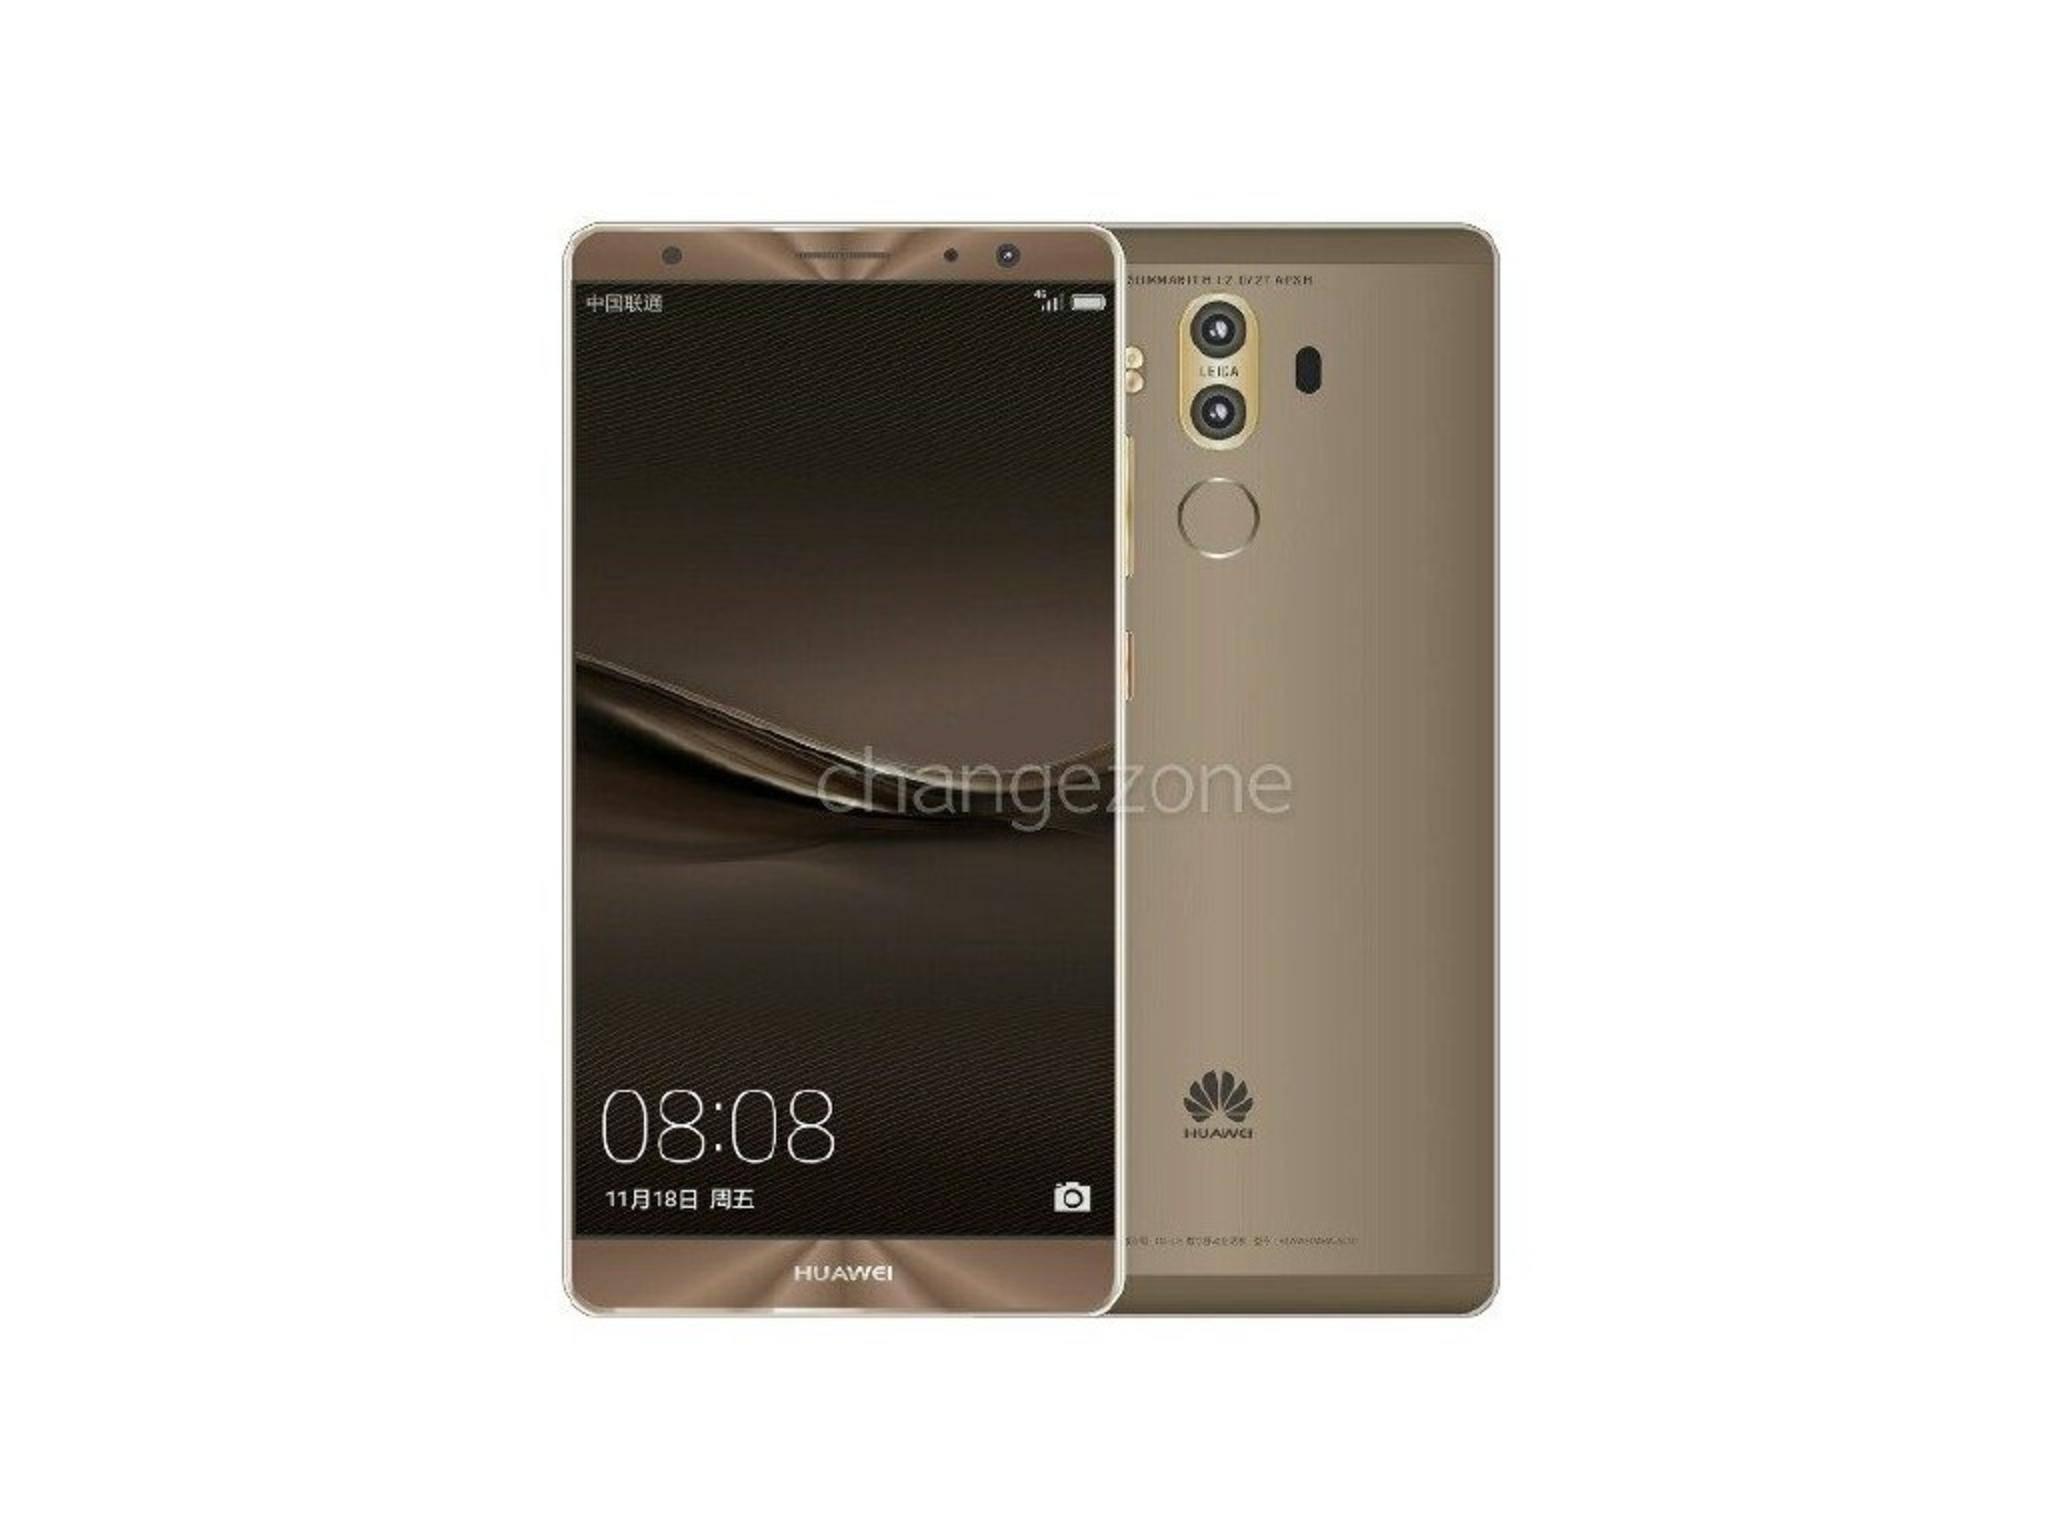 Das Huawei Mate 9 möchte mit neun verschiedenen Farben im Aluminiumkleid überzeugen.